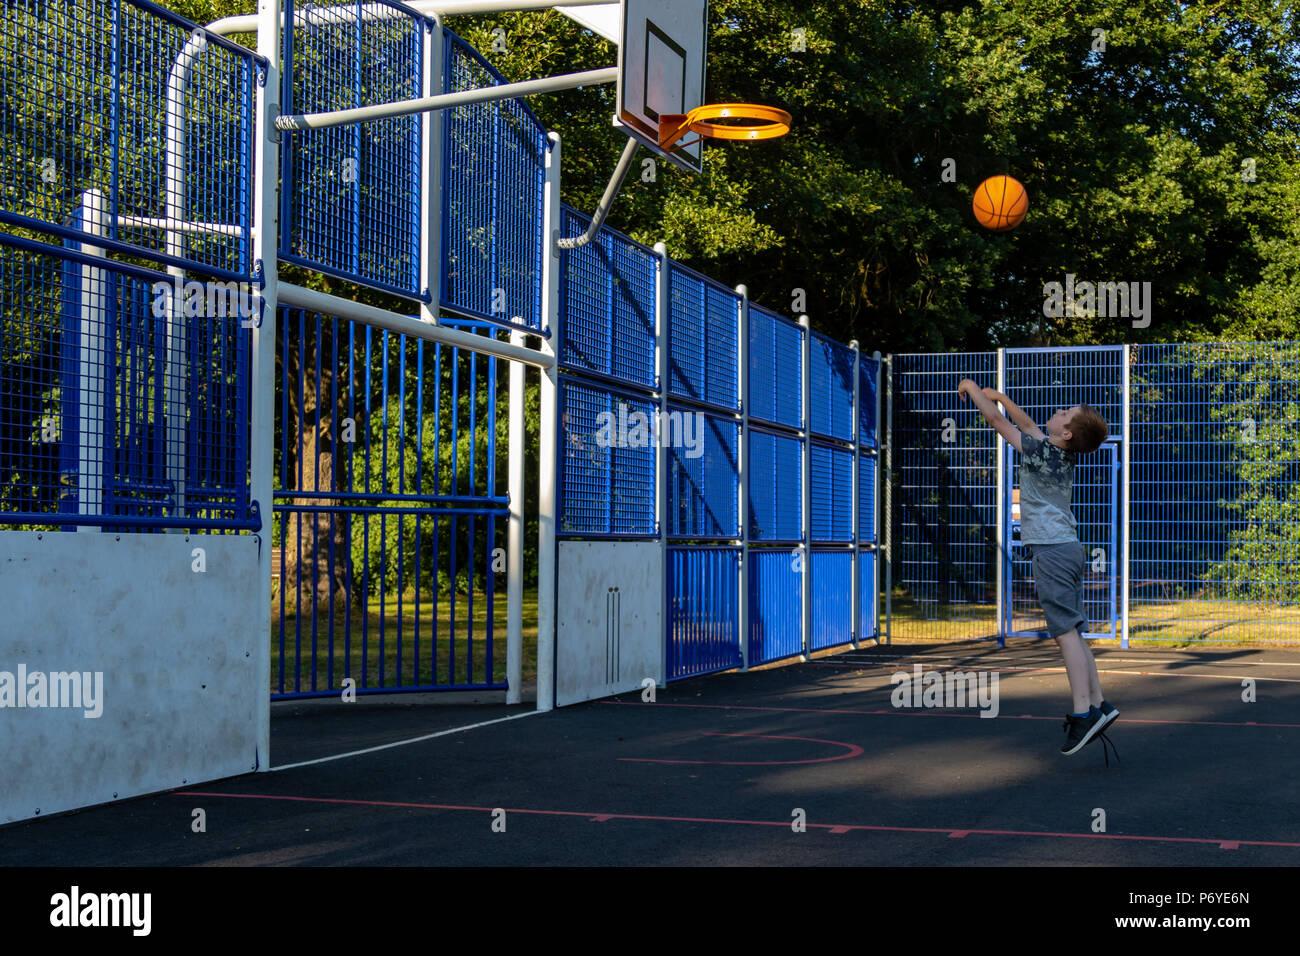 Pre-teen boy shooting basket ball in a park - Stock Image